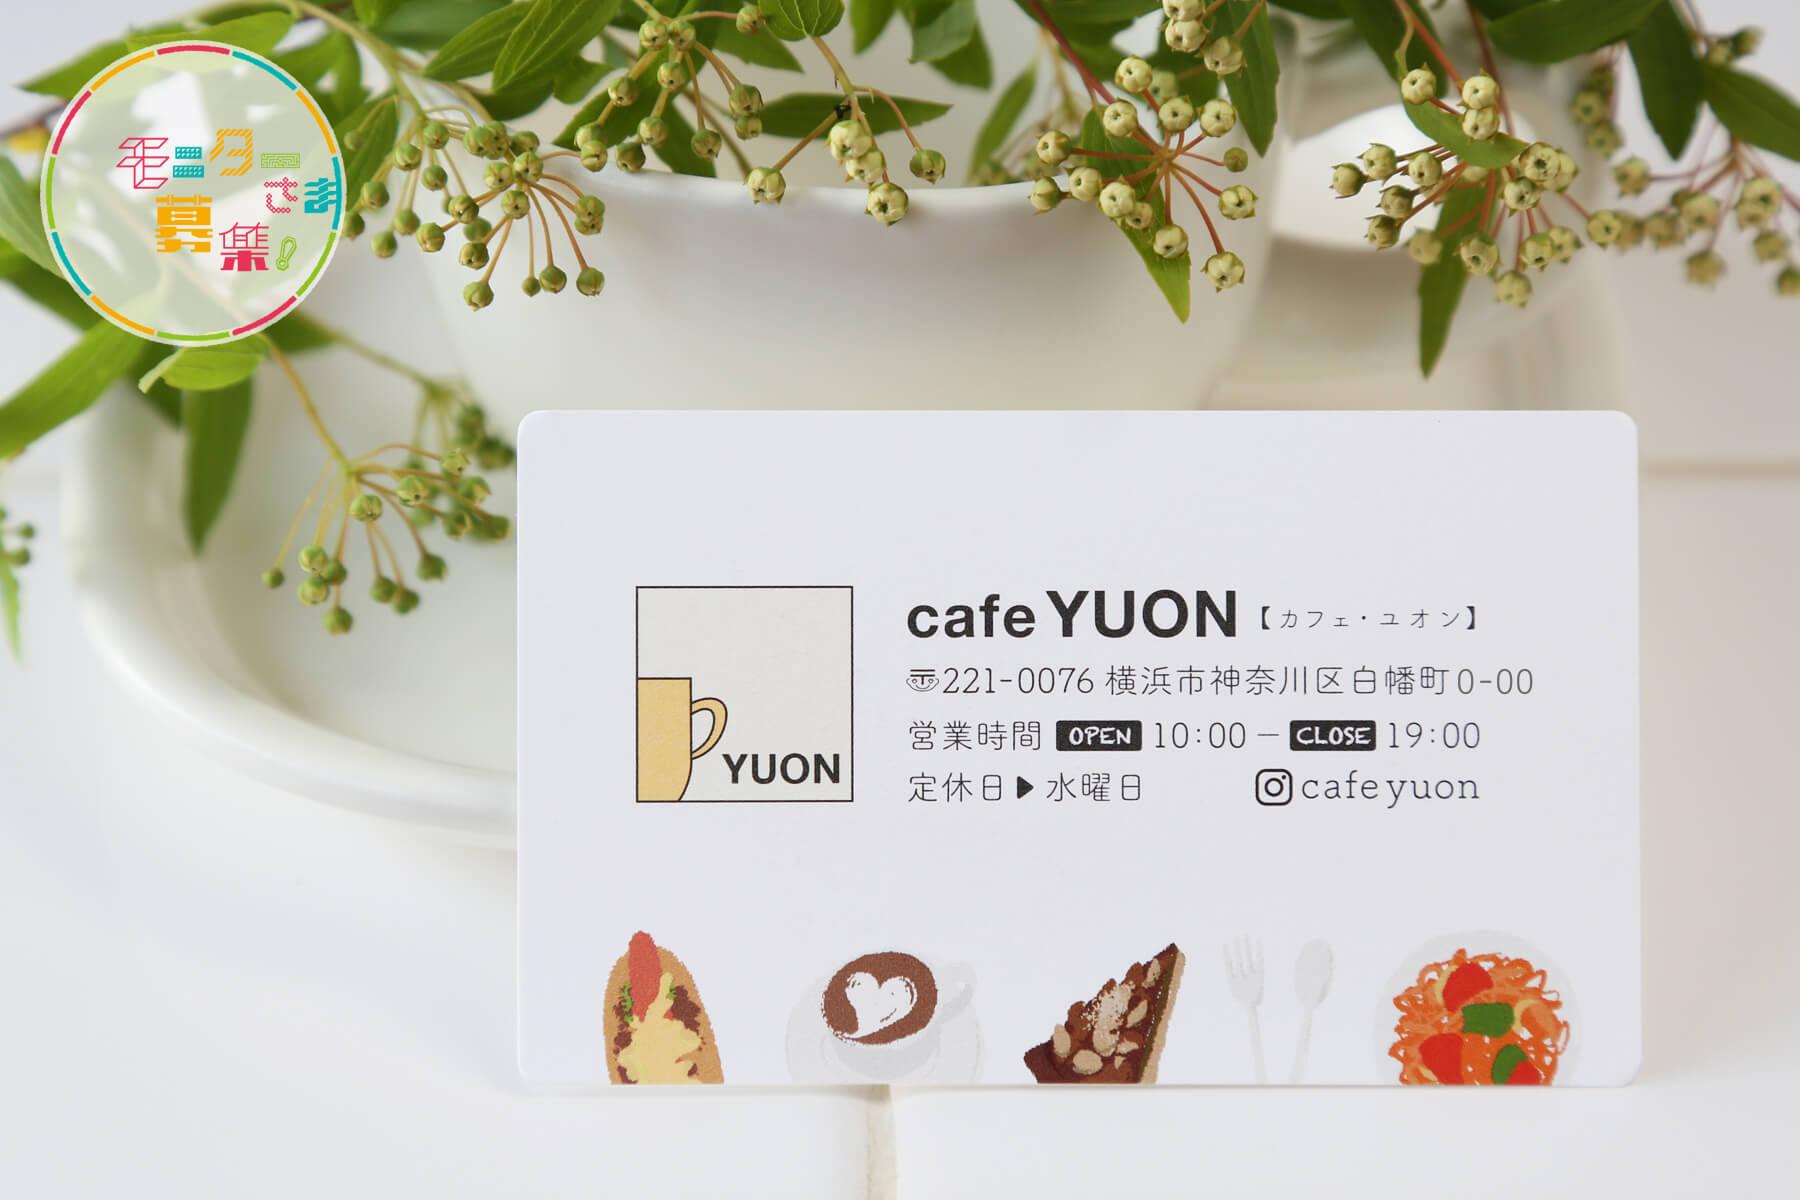 ショップカードデザイン メニューのイラスト YUON様